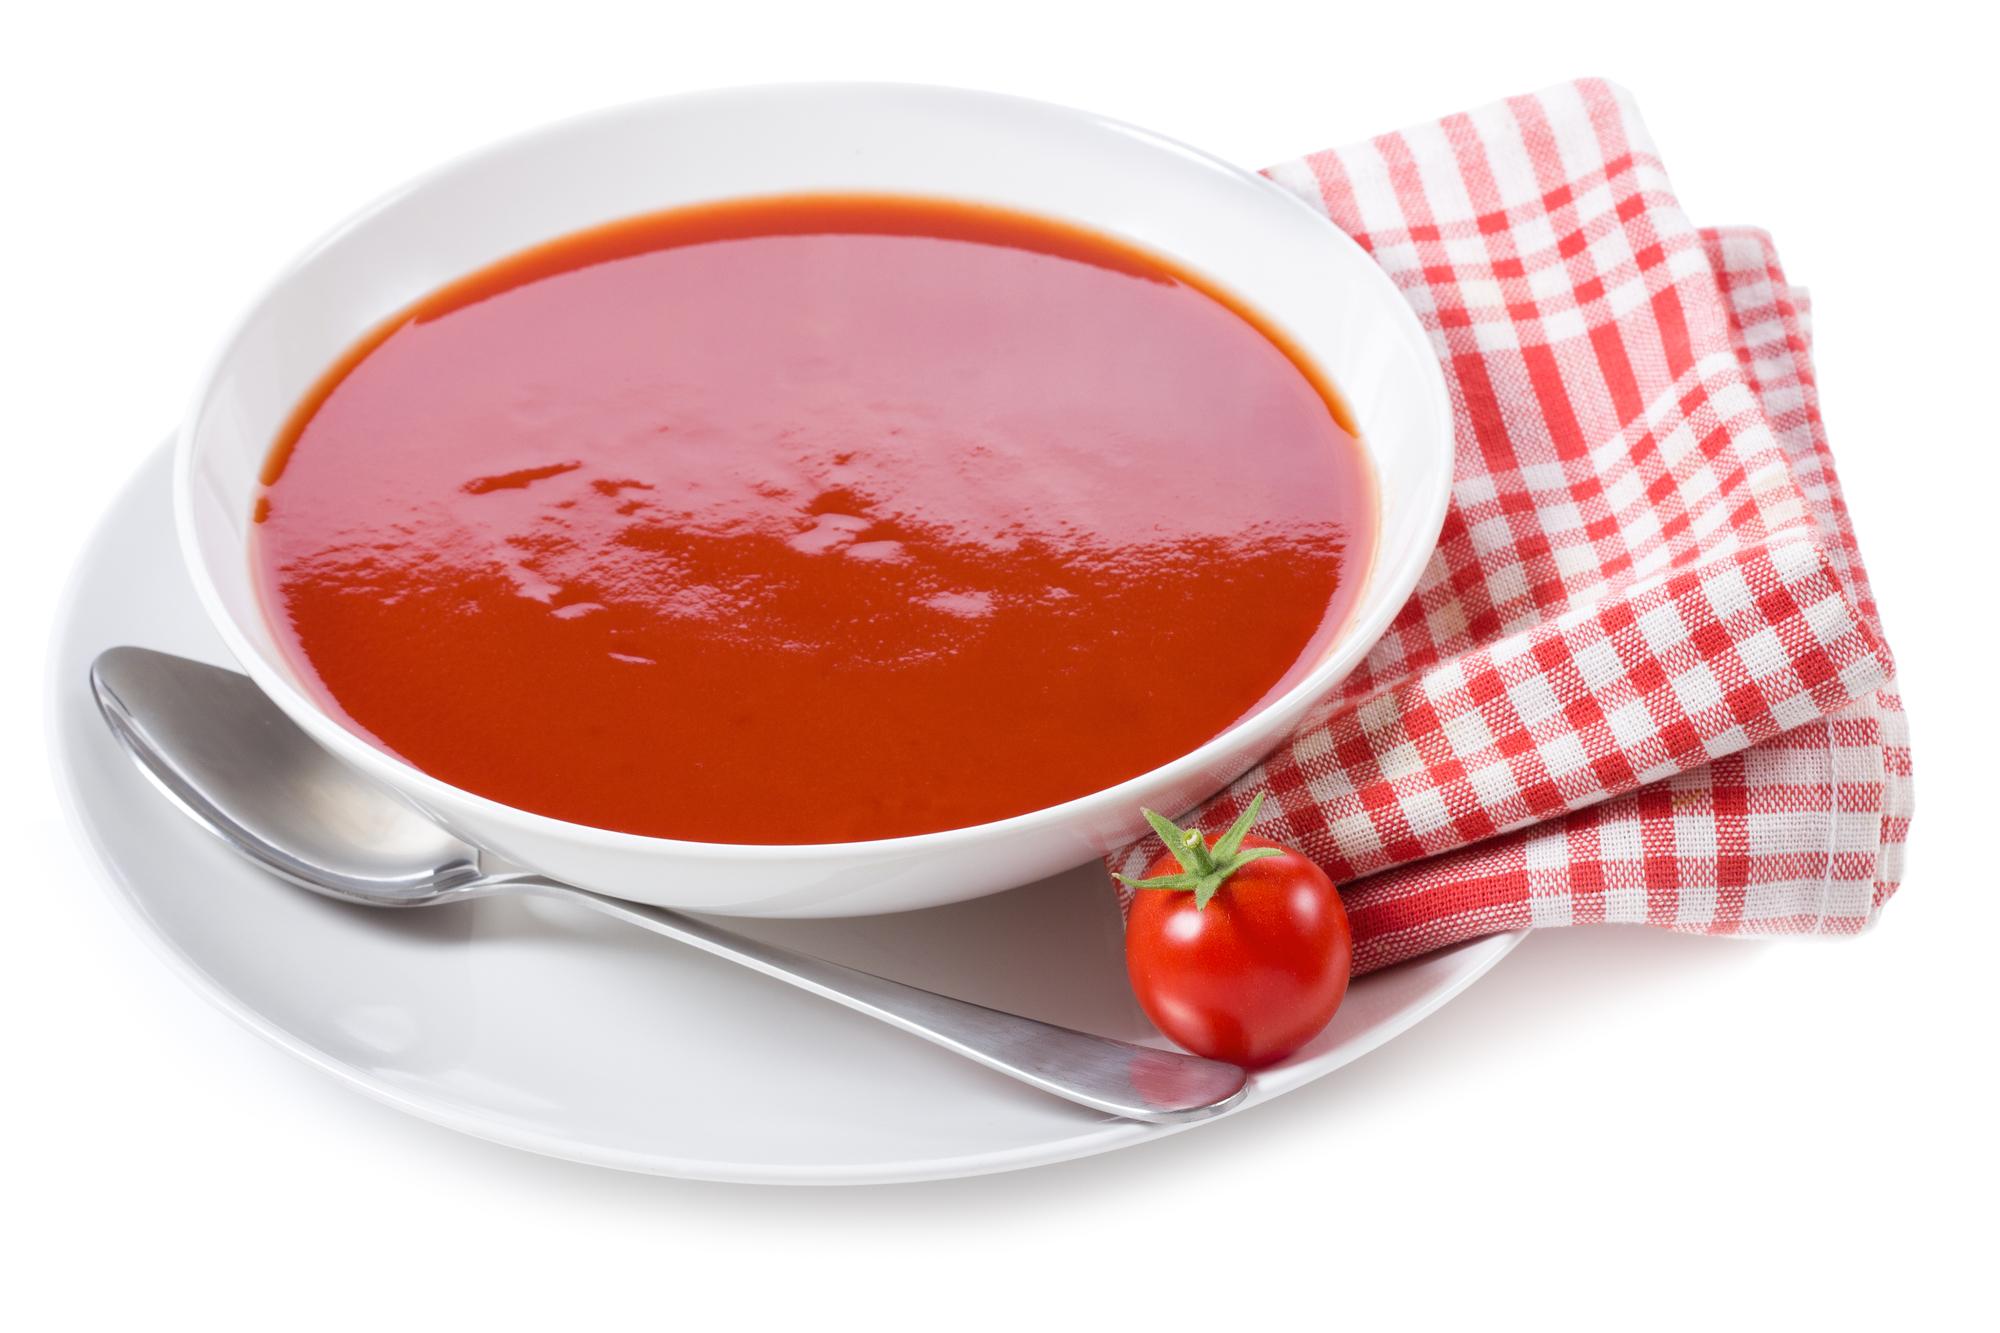 Rajská polévka s noky recept